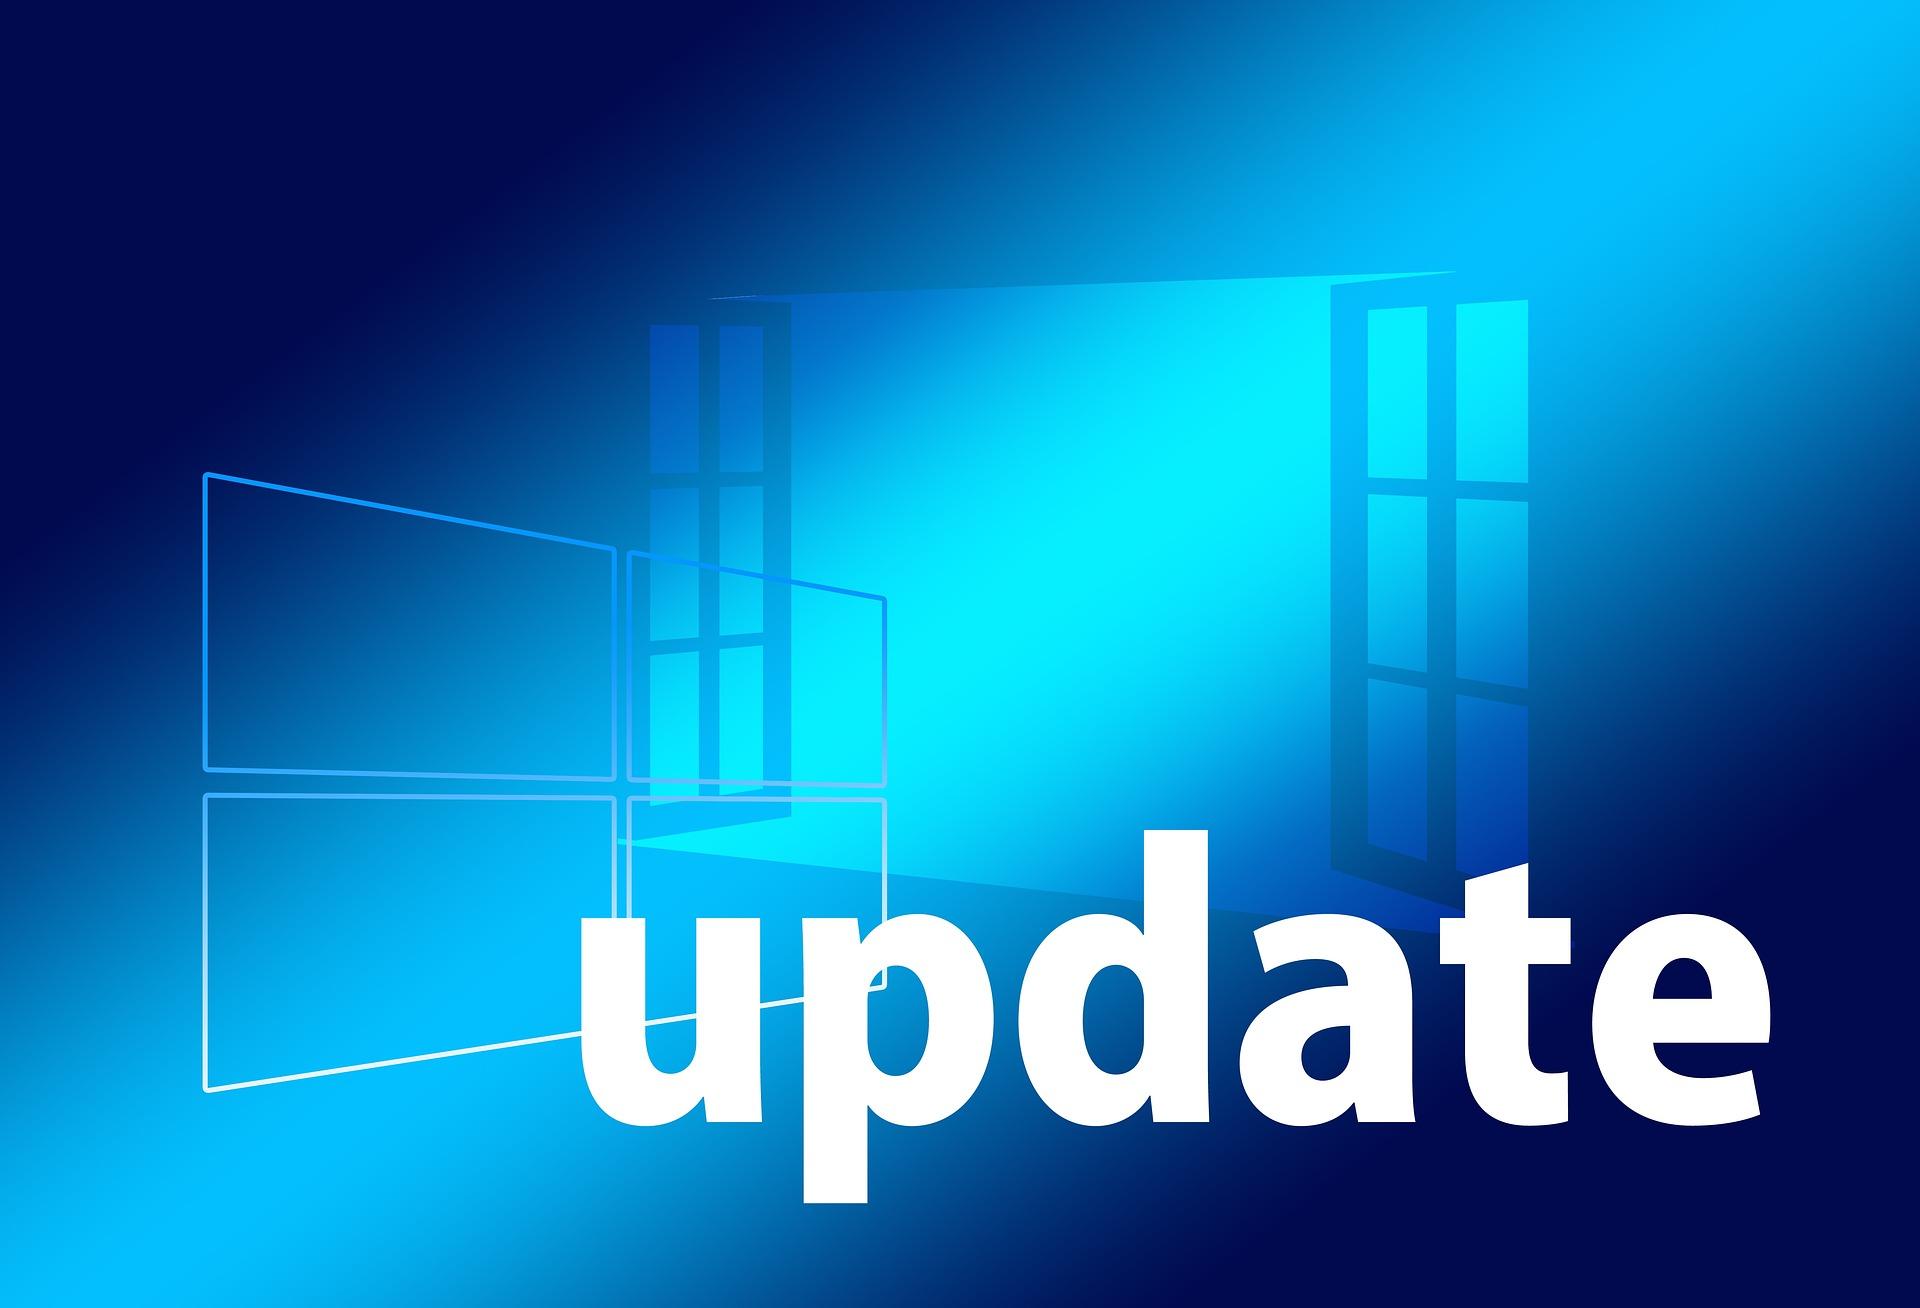 windows-ähnliches, geöffnetes Fenster auf blauem Hintergrund mit dem Wort Update